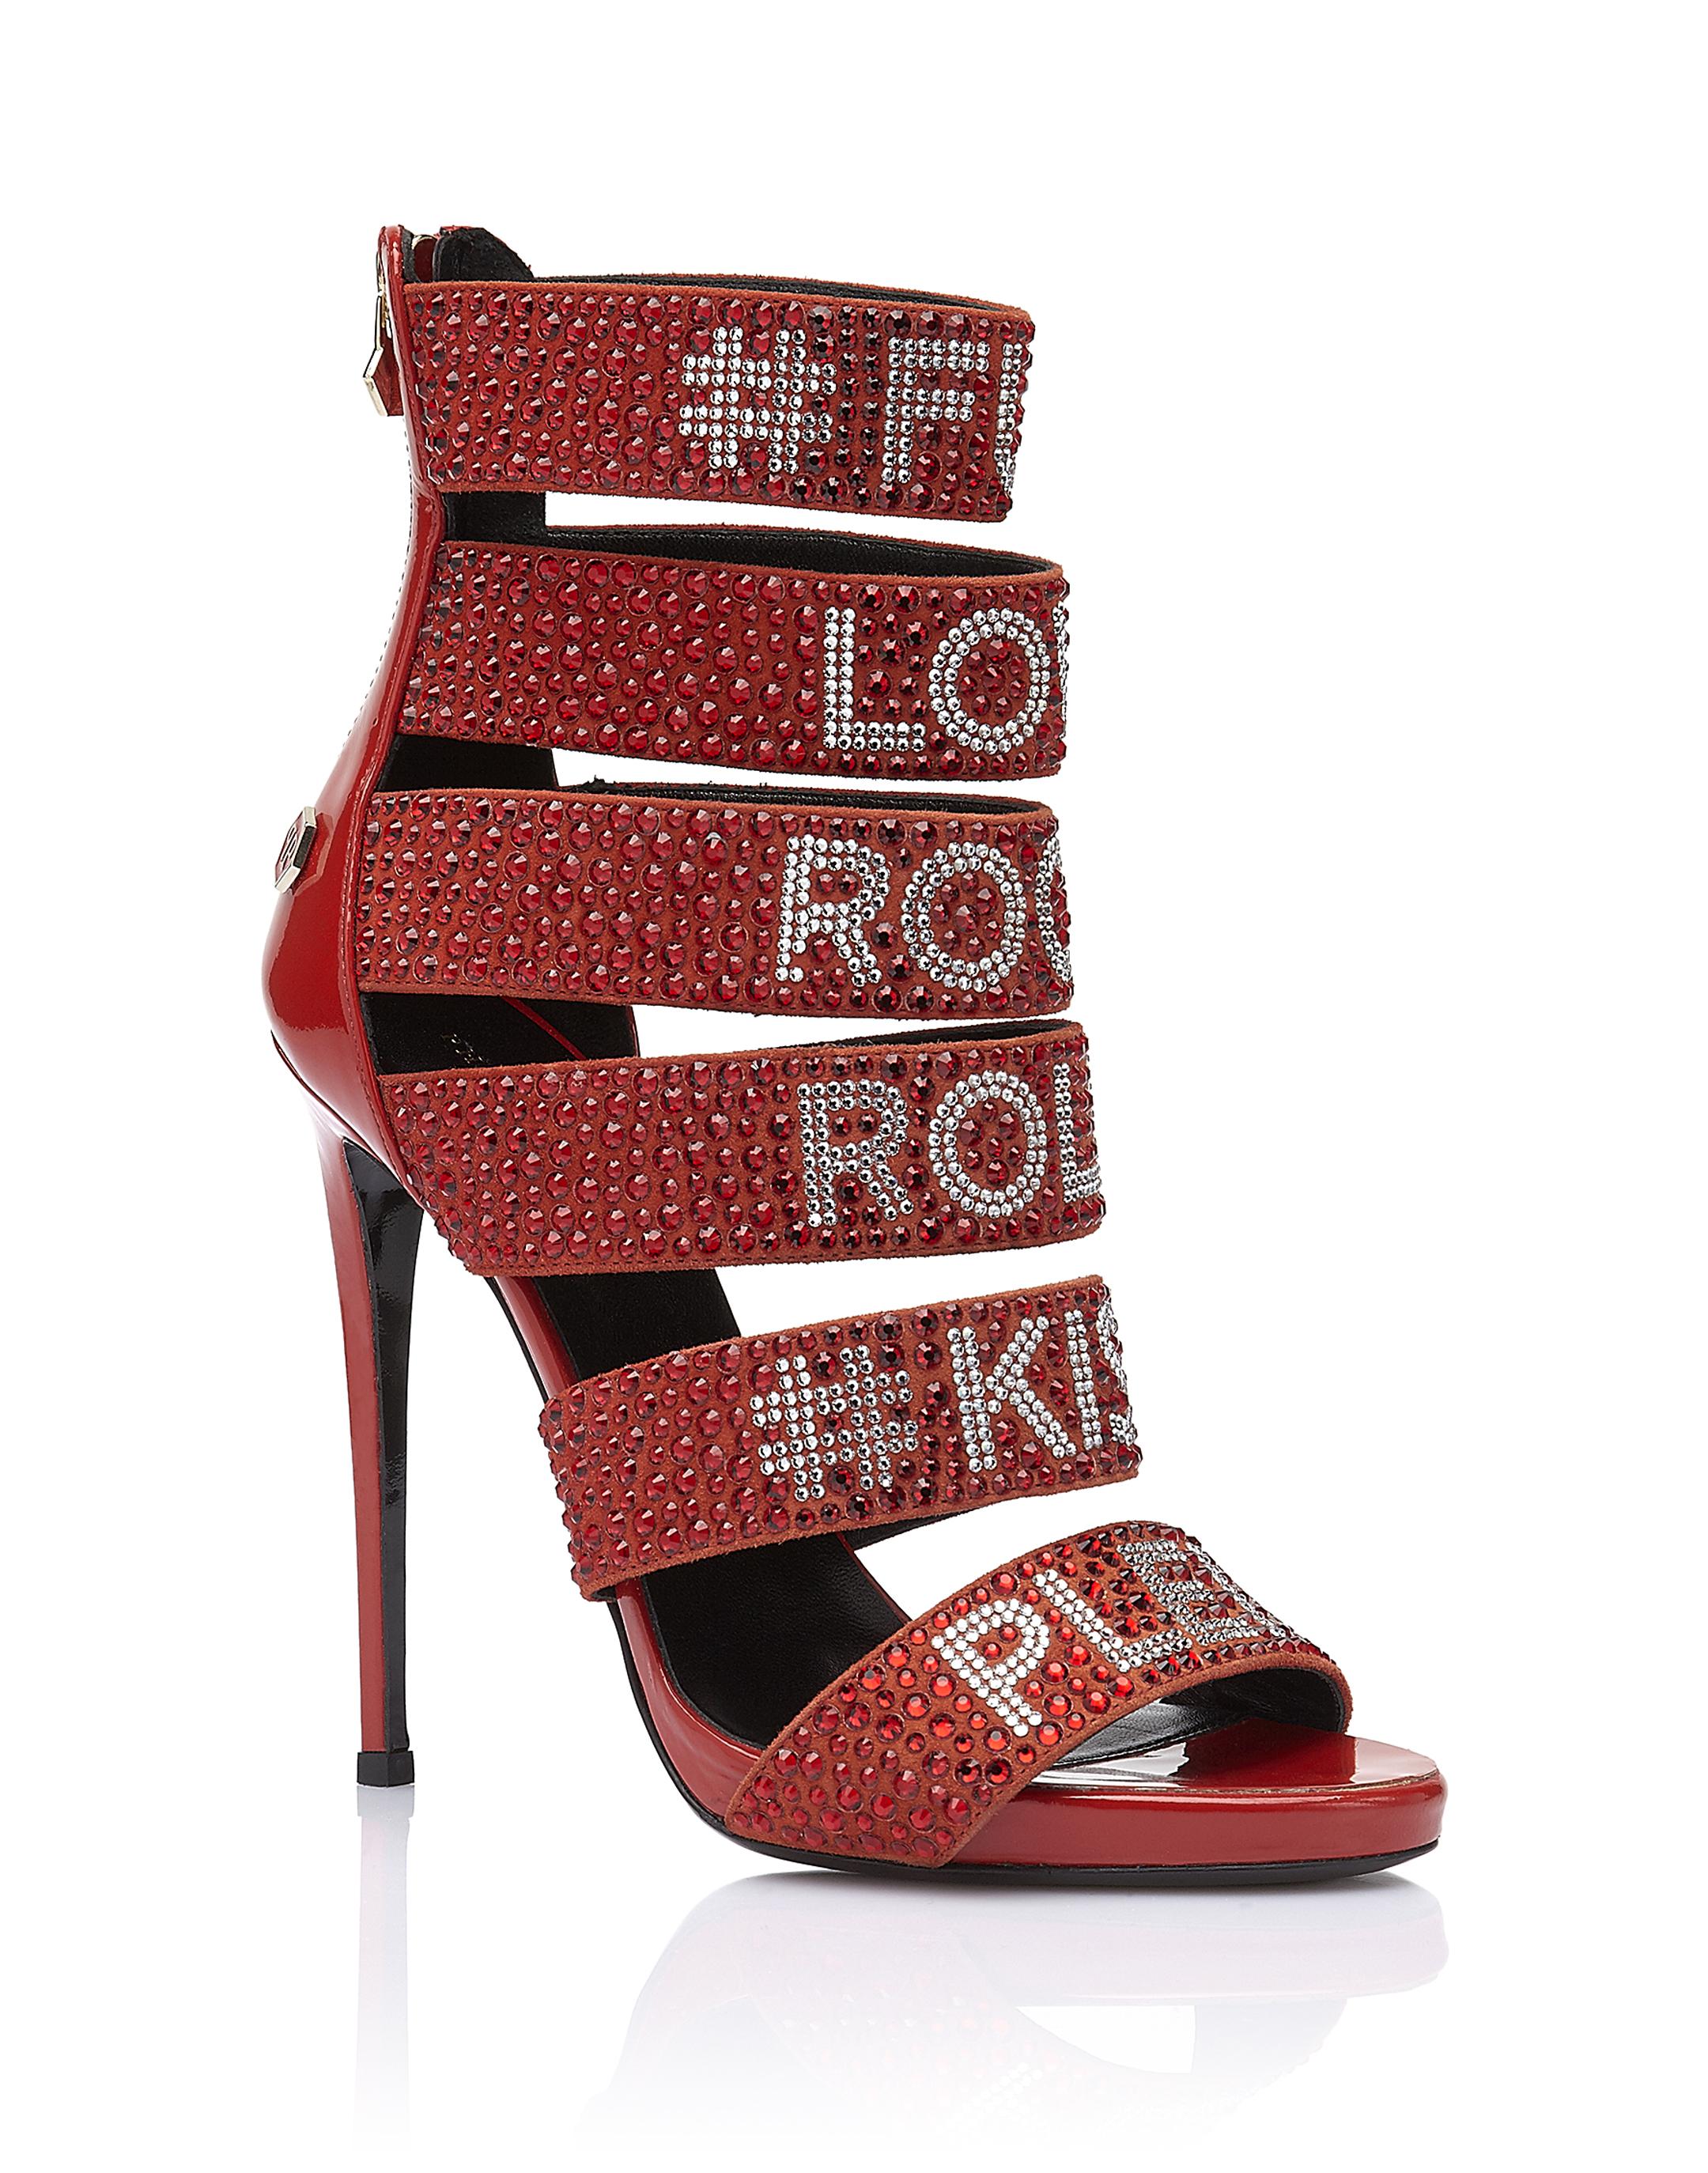 4a67338044a Sandals High Heels